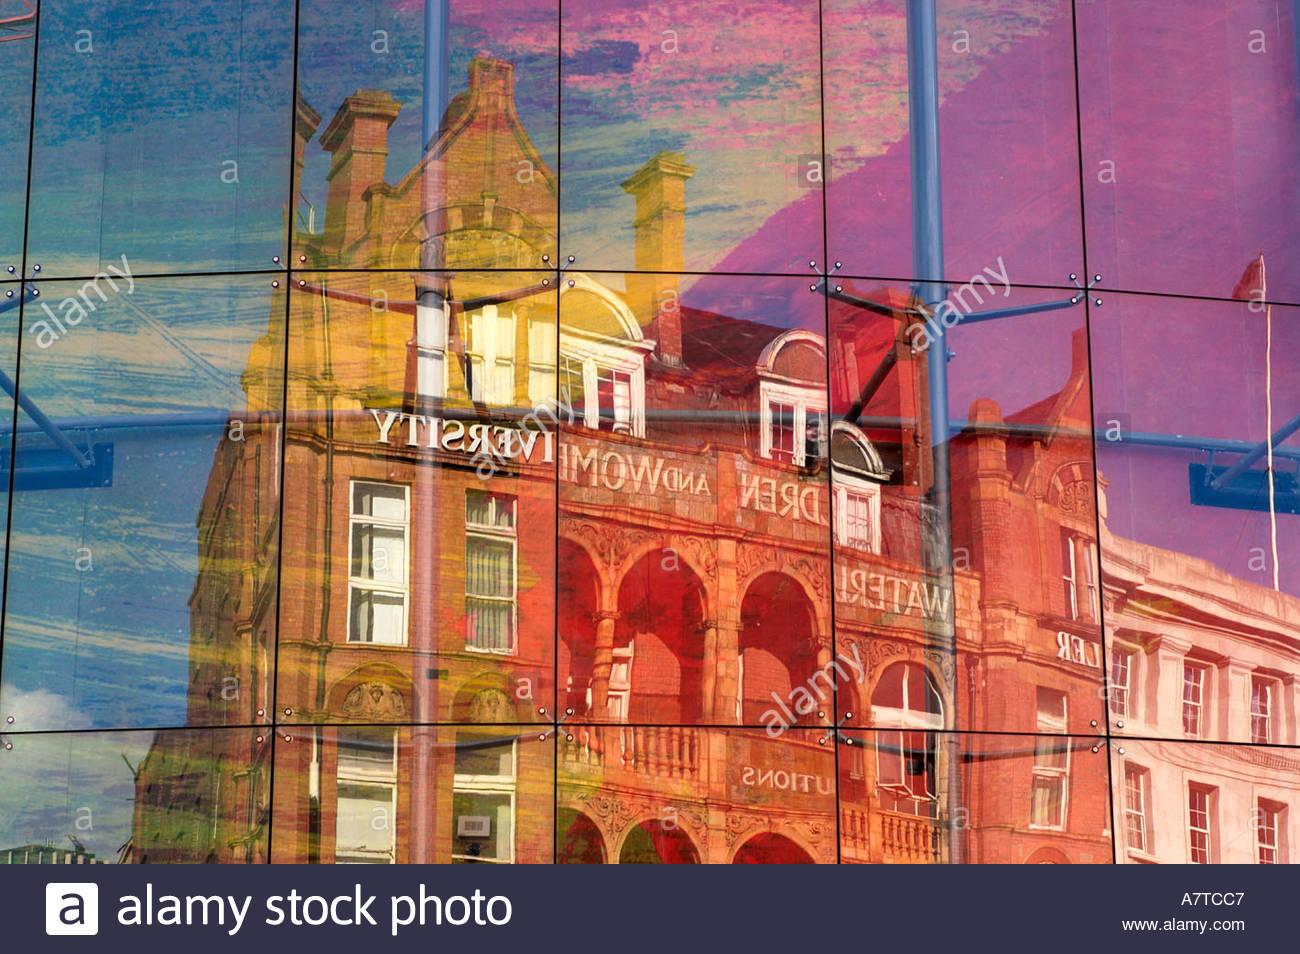 El Waterloo Royal Hospital para Niños y Mujeres y el Schiller University edificio reflejado en el cristal curvo de th Imagen De Stock